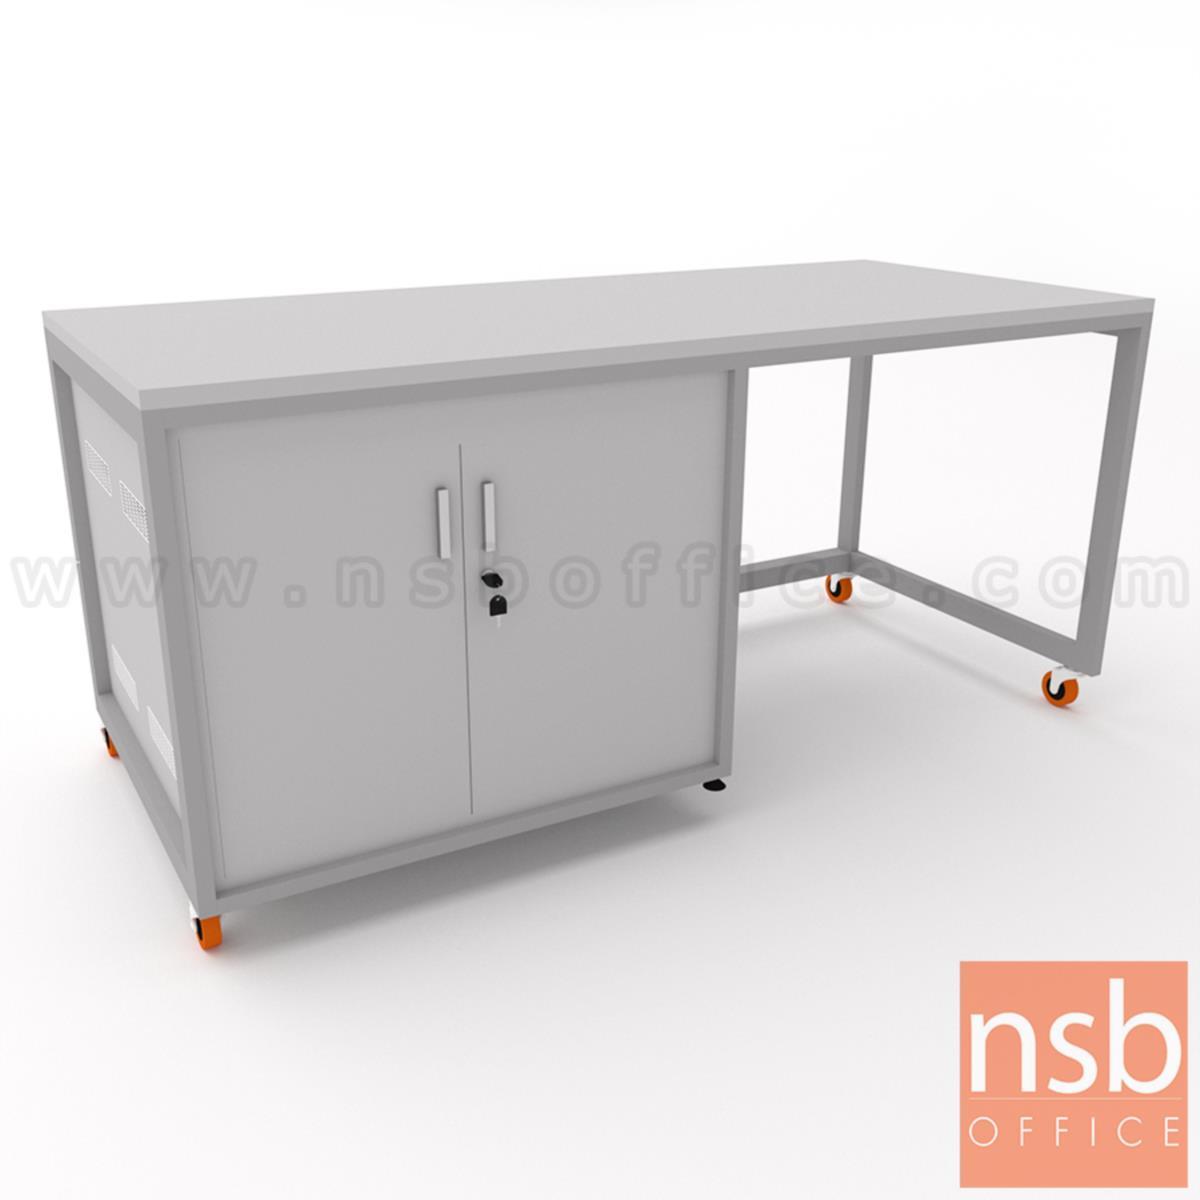 ตู้แลปเก็บอุปกรณ์ บานเปิด รุ่น Sinai (ซีนายน์) top HPL ขนาด 150W, 180W cm. ล้อเลื่อน เคลื่อนย้ายได้